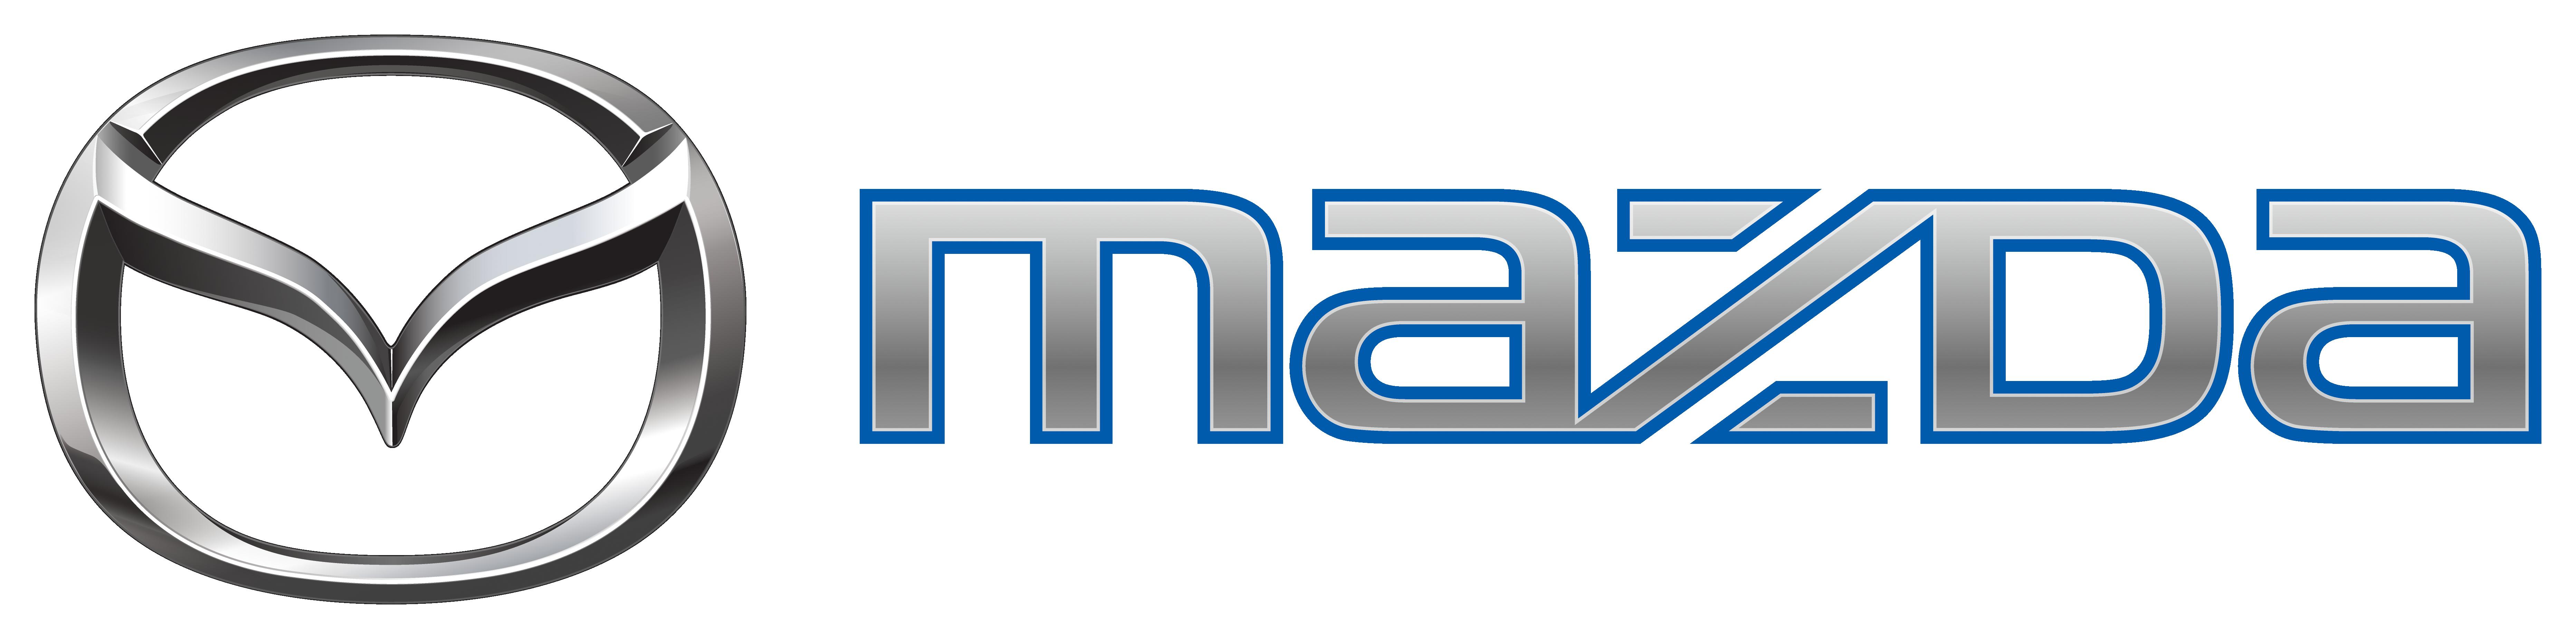 Download: Hi Res (2.1 MB) - Mazda Skyactiv Logo PNG